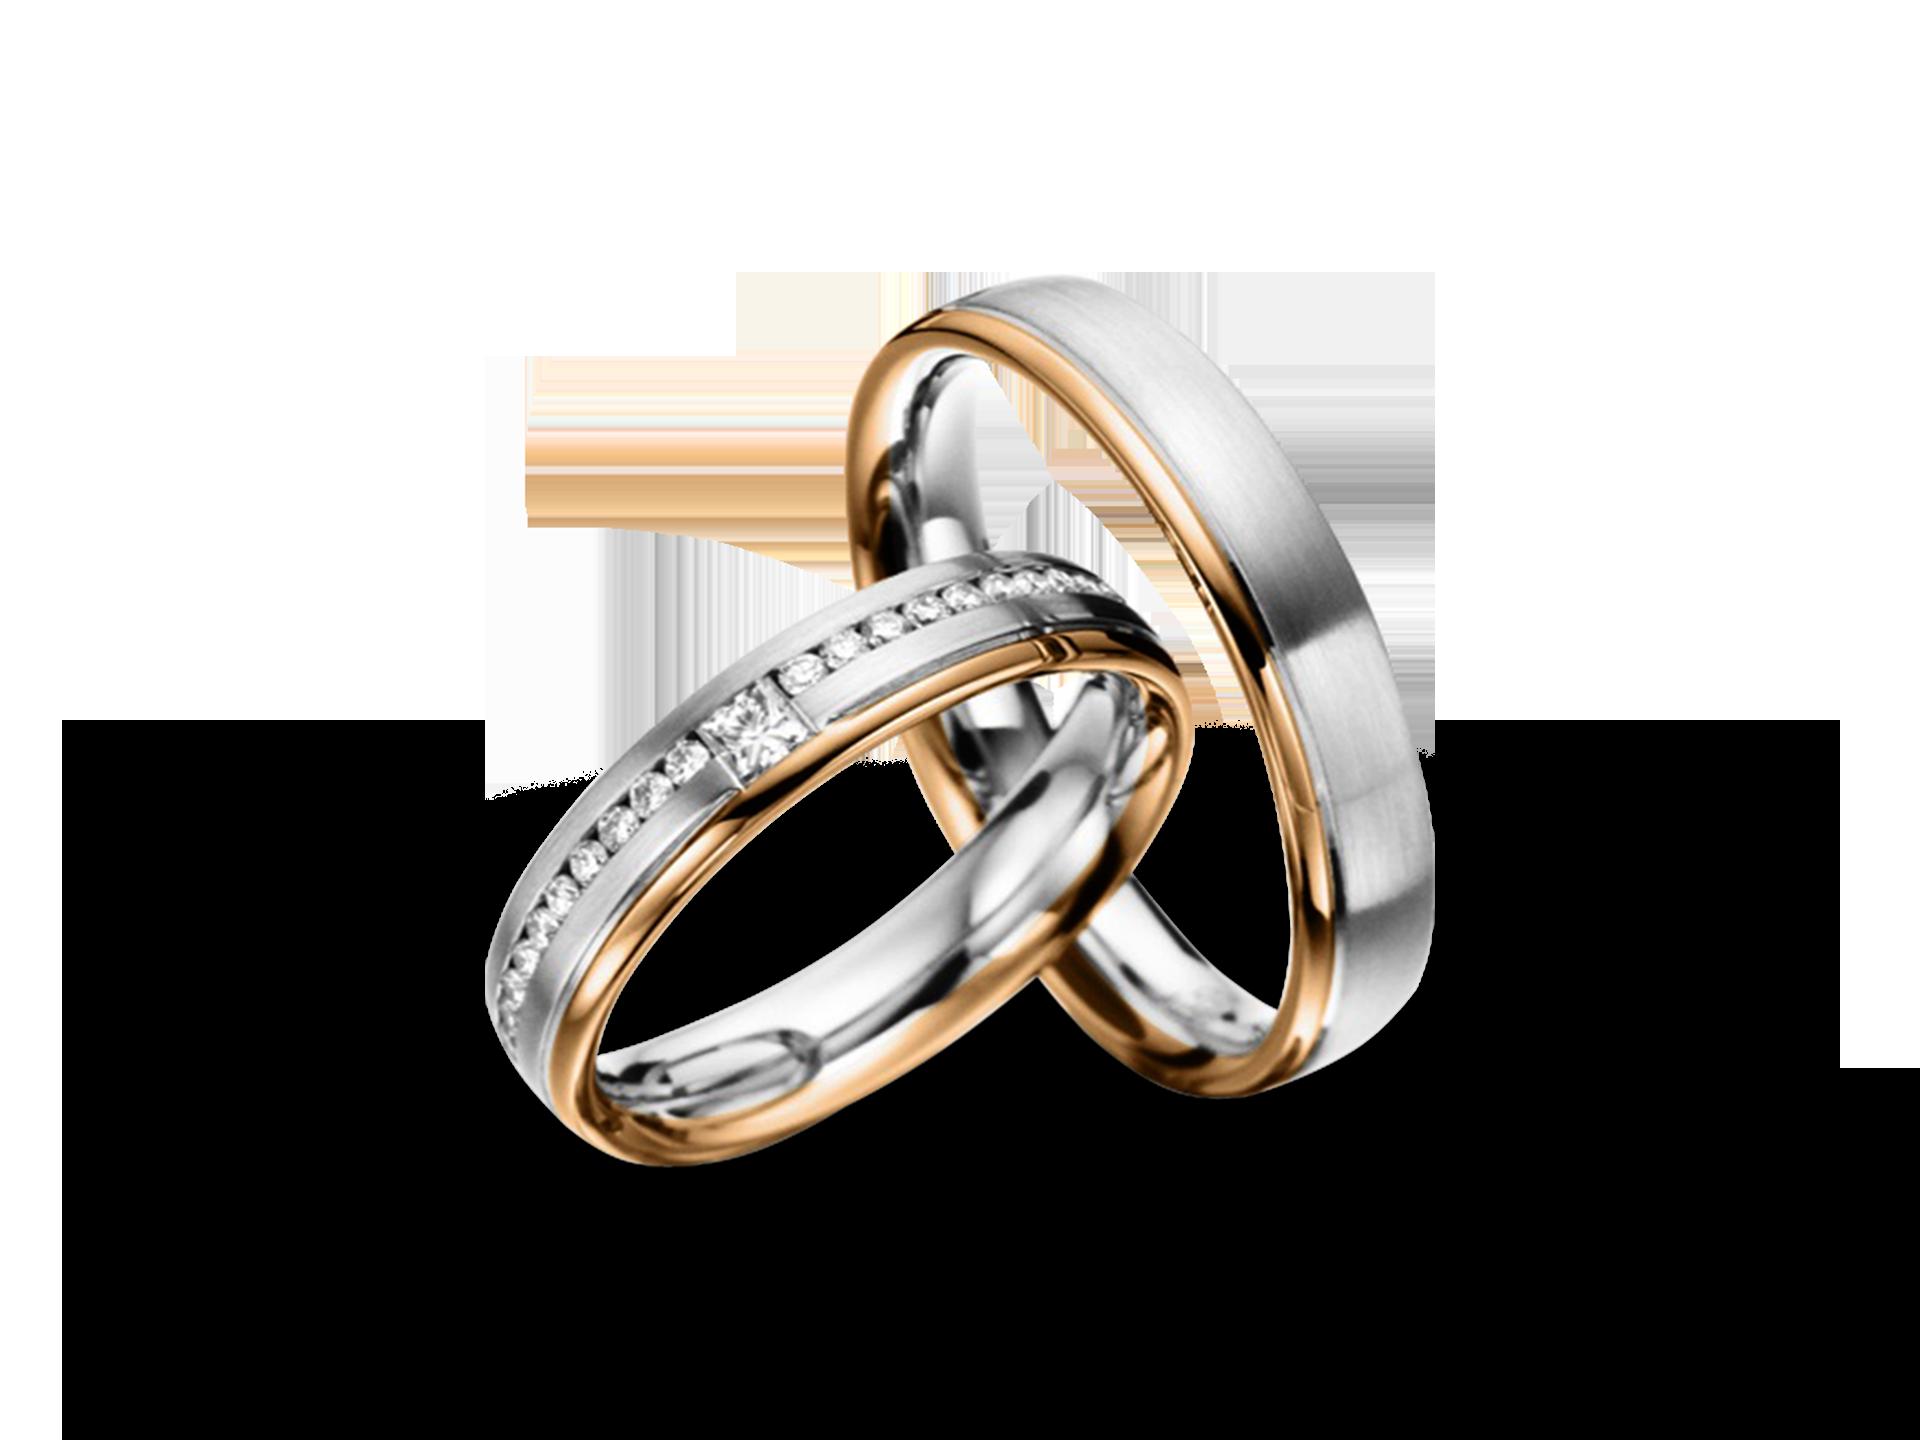 Aros de Matrimonio : Aros de Matrimonio LJAU102.